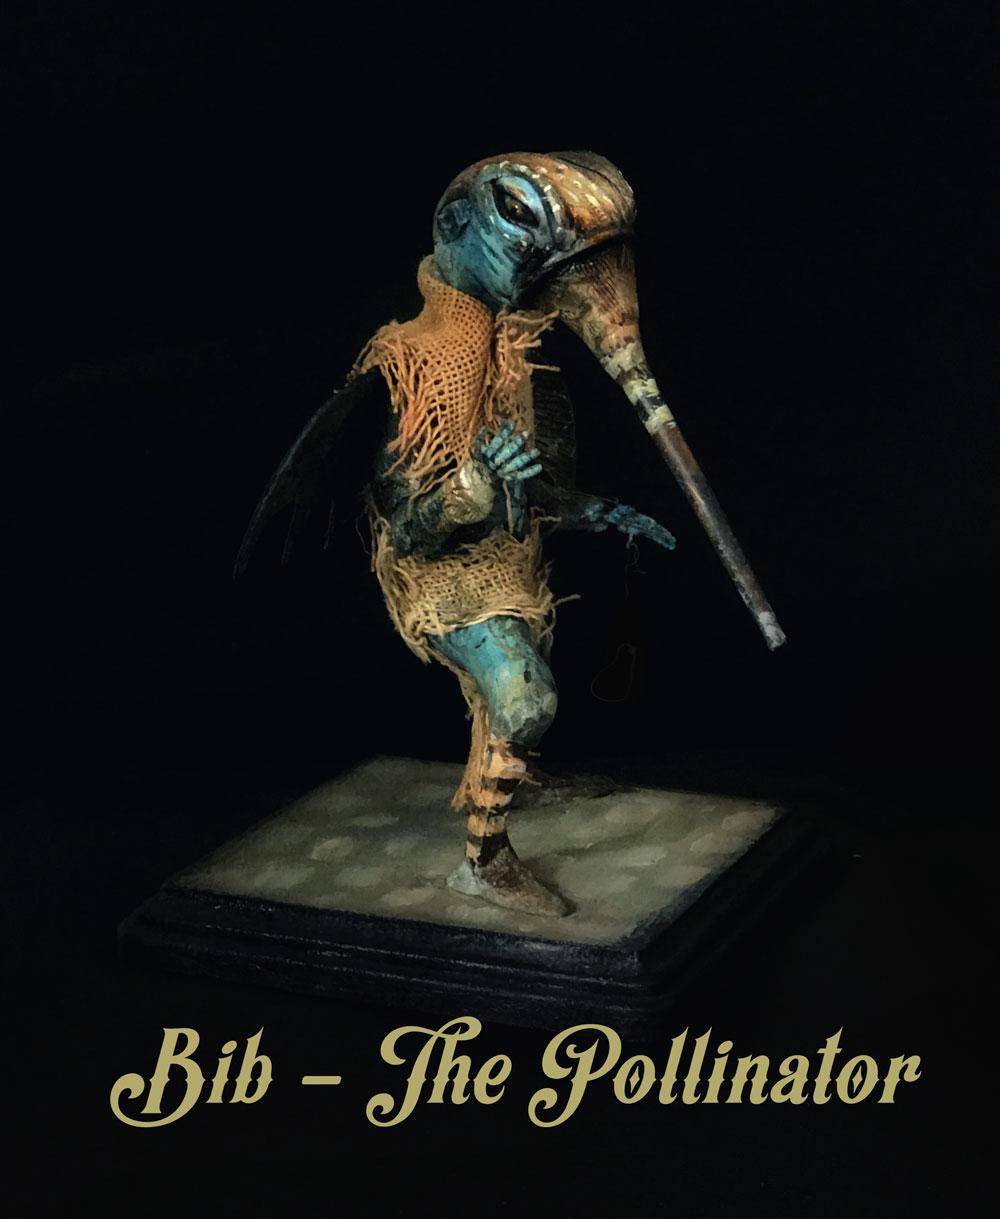 Bib - The Polllenator